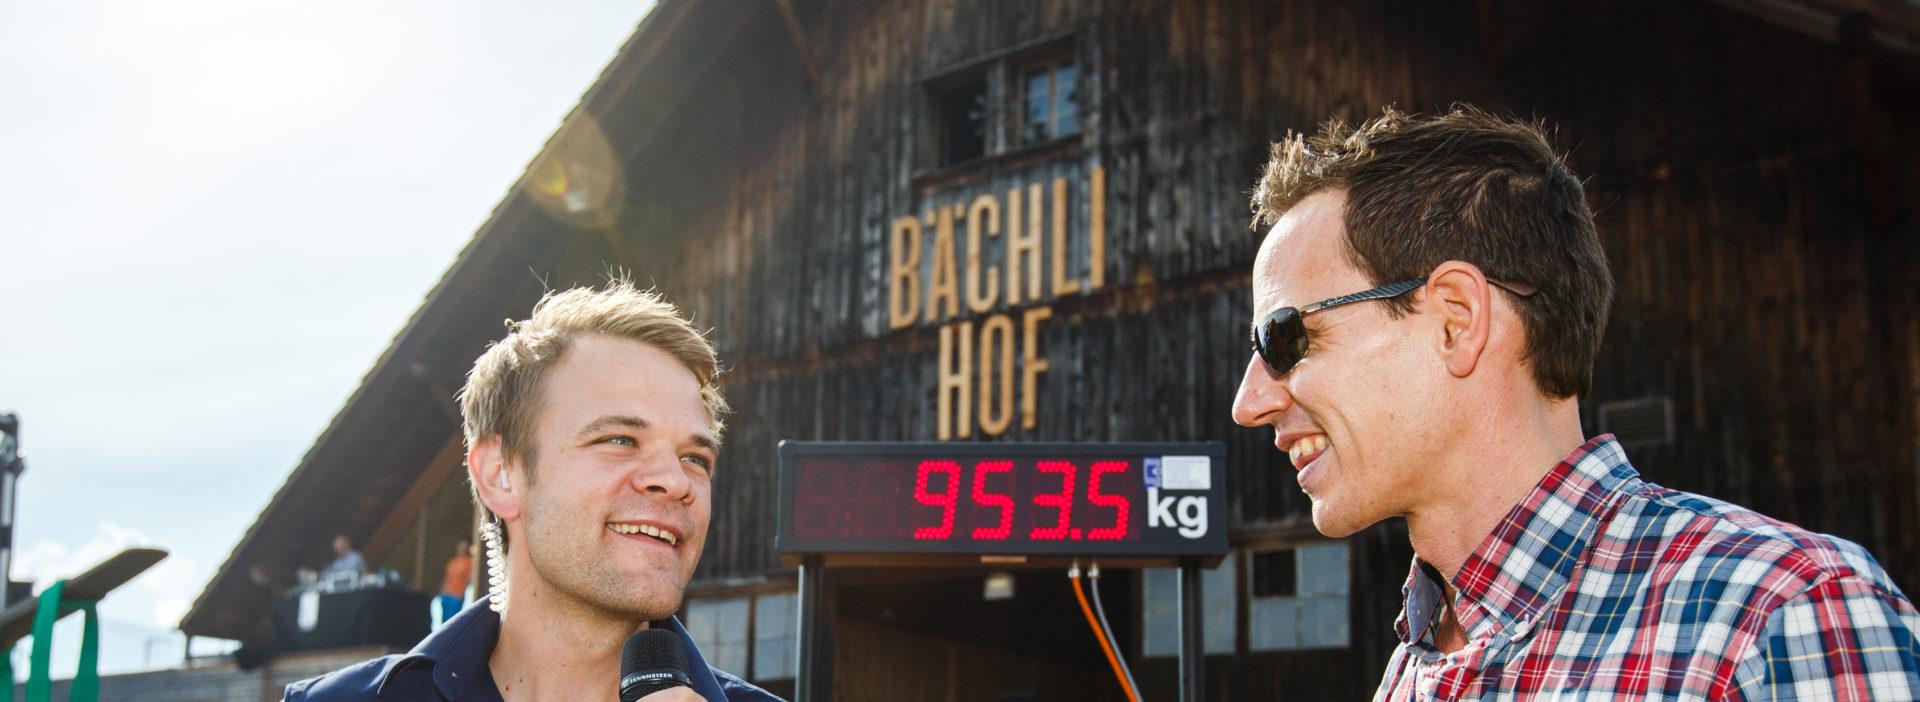 Kuerbisrekord 2014 Zonvi Kürbiswiegen